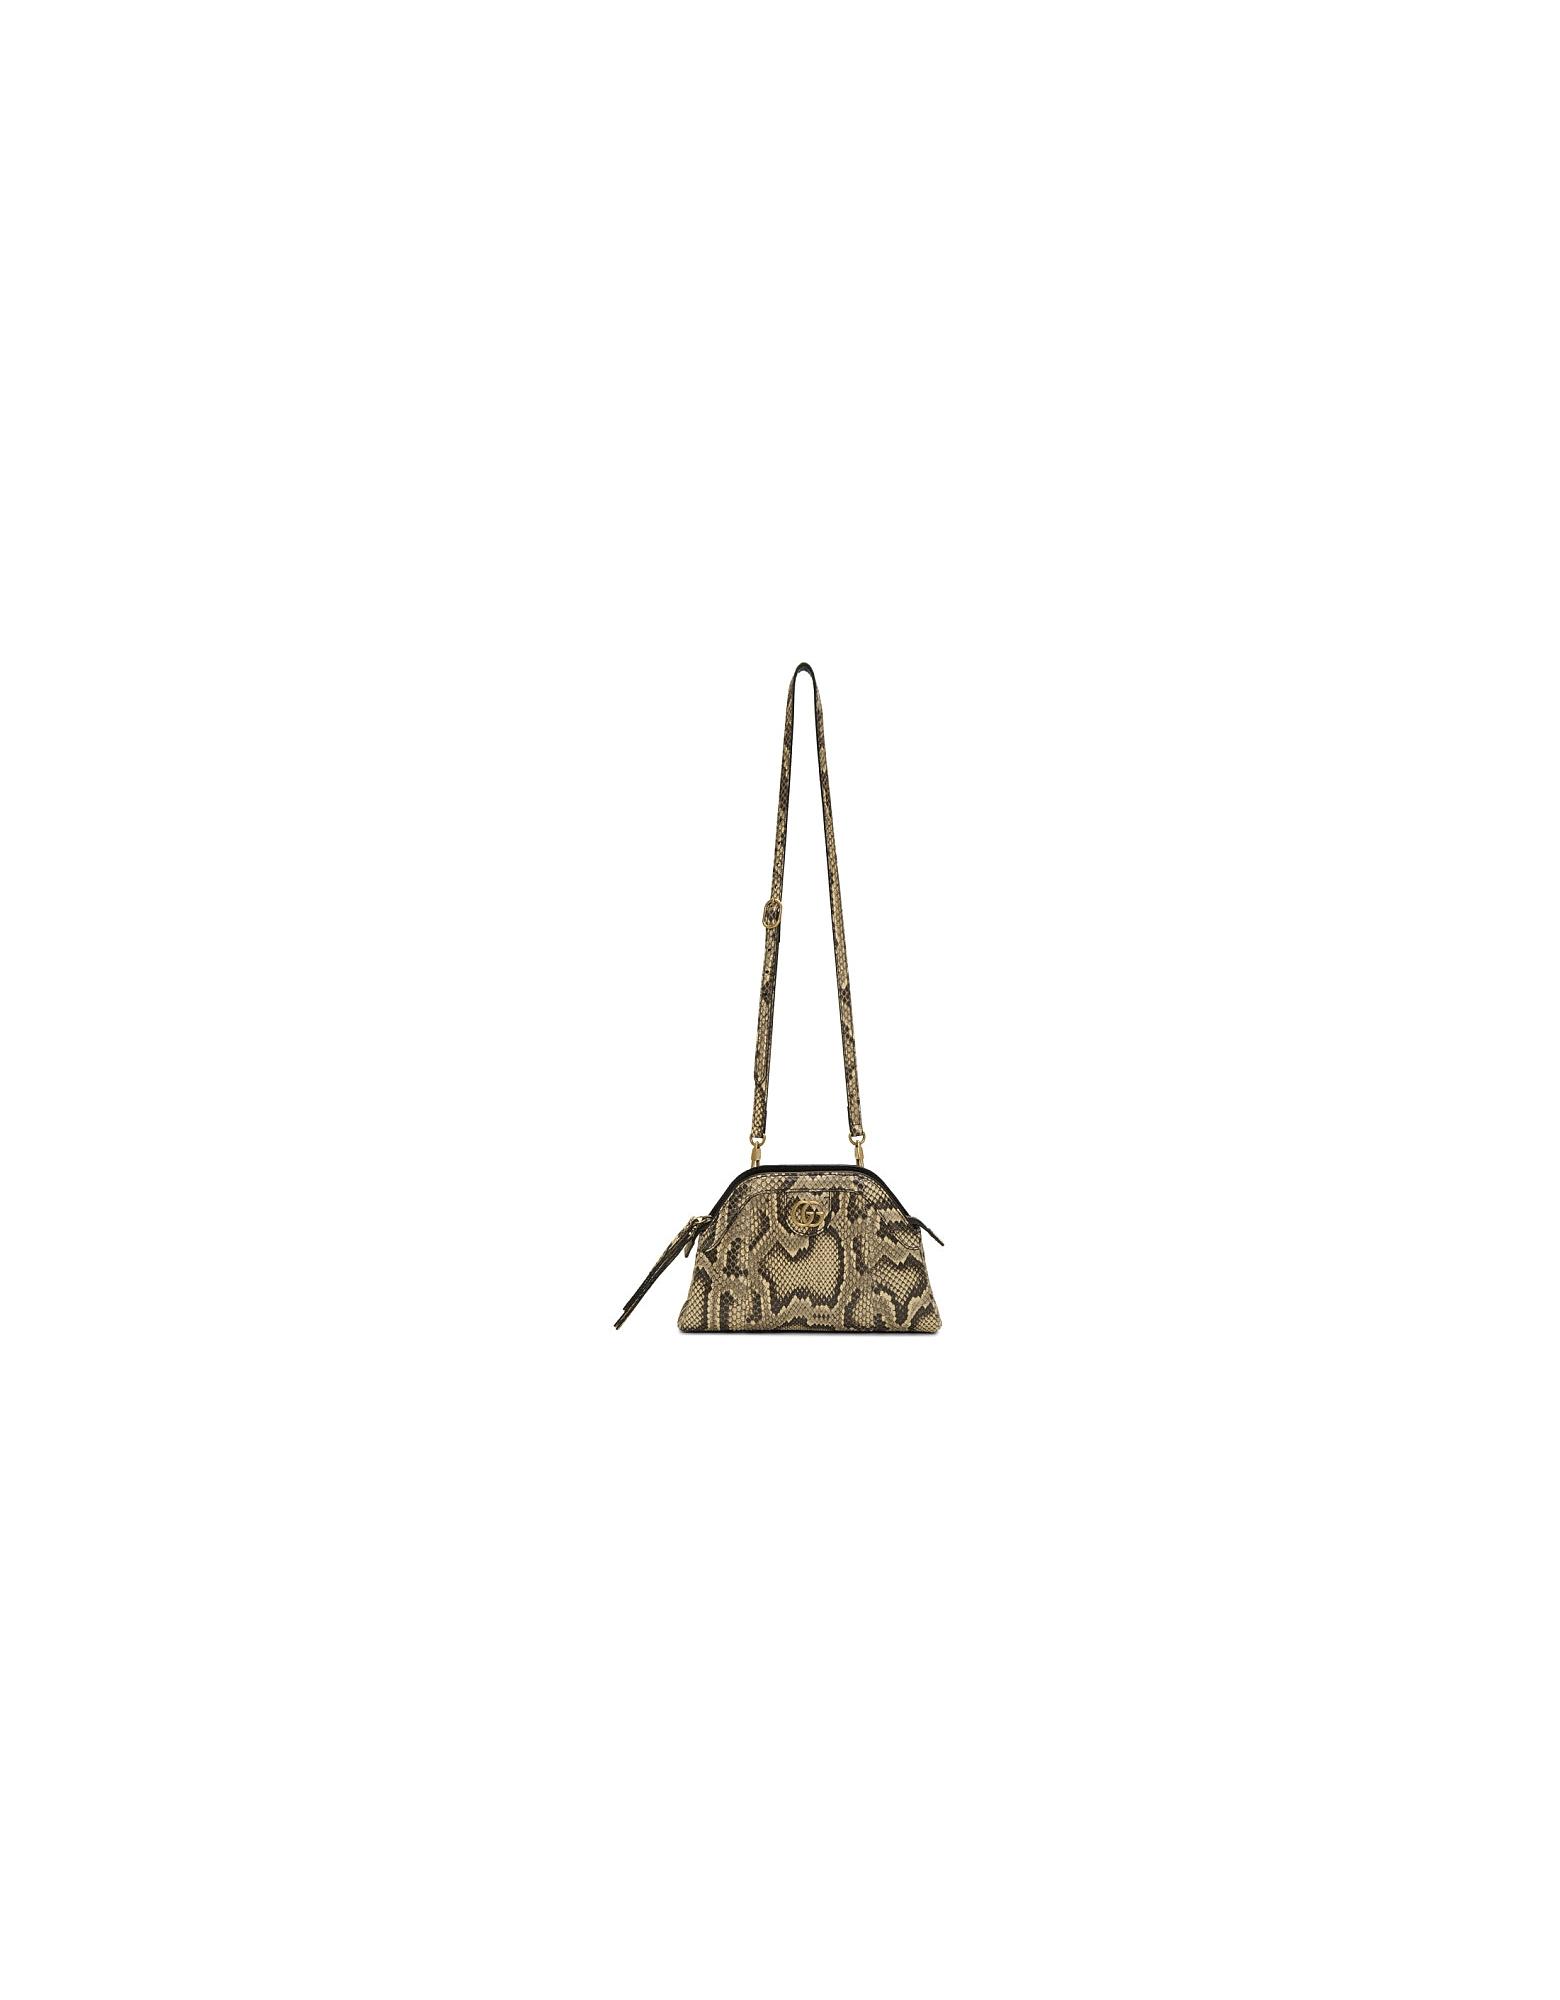 Gucci Designer Handbags, Beige Python Rebelle Shoulder Bag